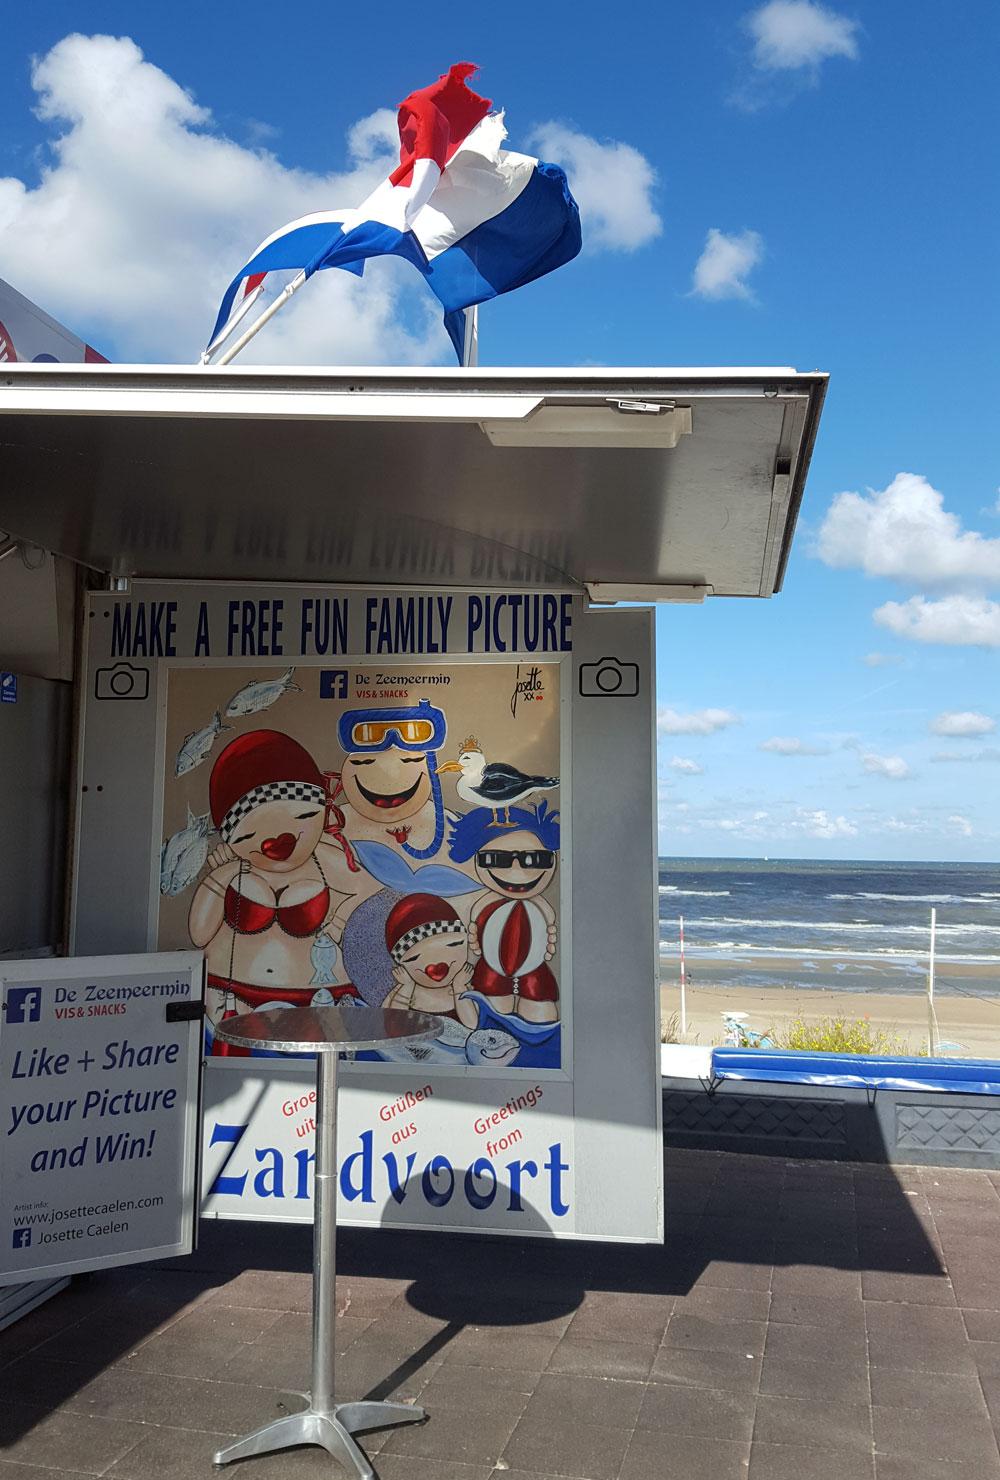 """Werbeschild an der Fischbude """"De Zeemeermin Fish & Snacks"""" an der Strandpromenade von Zandvoort"""